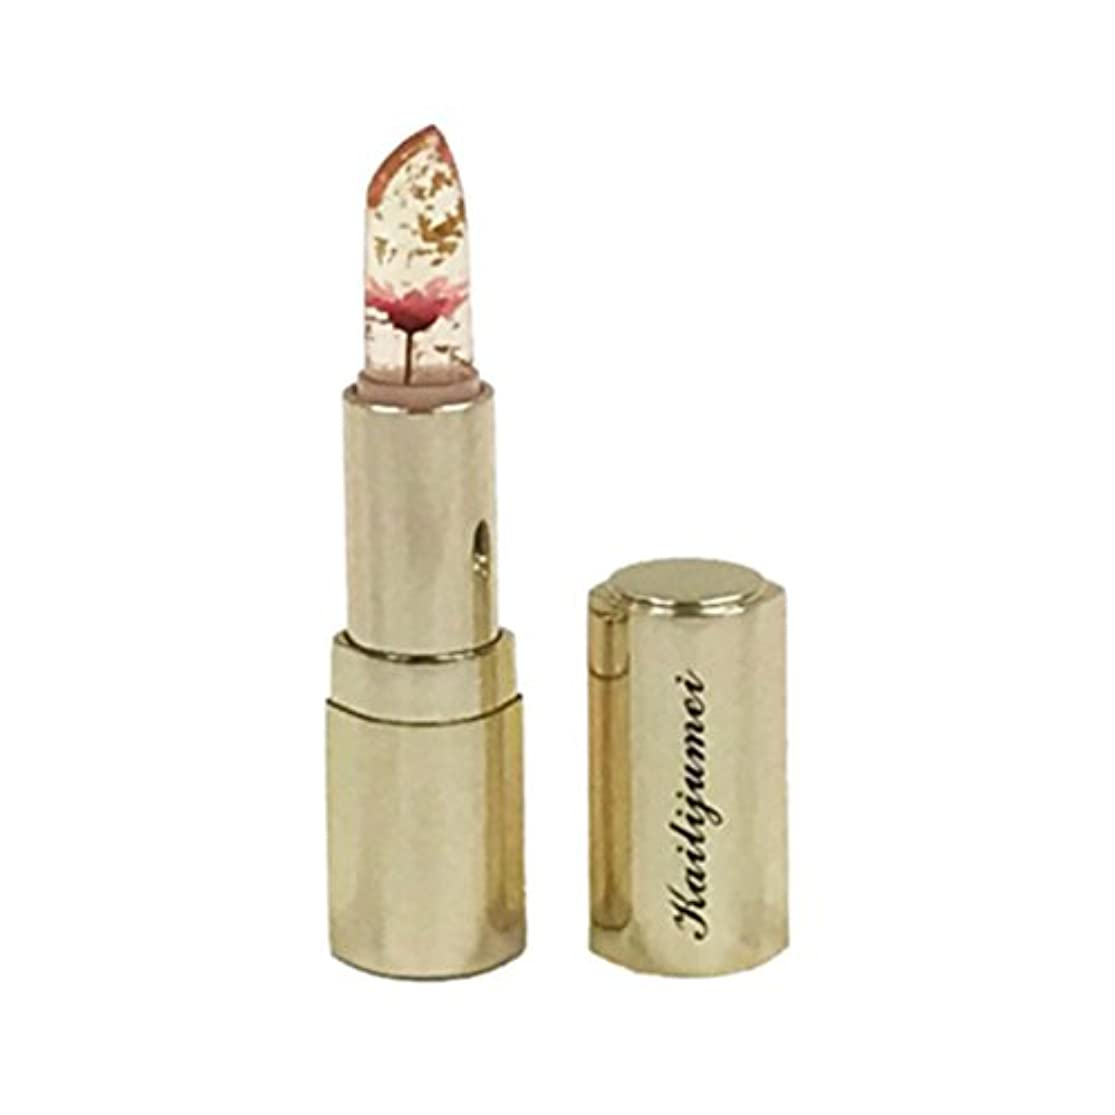 決定する宣言するアートkailijumei カイリジュメイ 直接購入品 フラワーリップスティック 金粉入り Babie Doll Powder ピンク 02